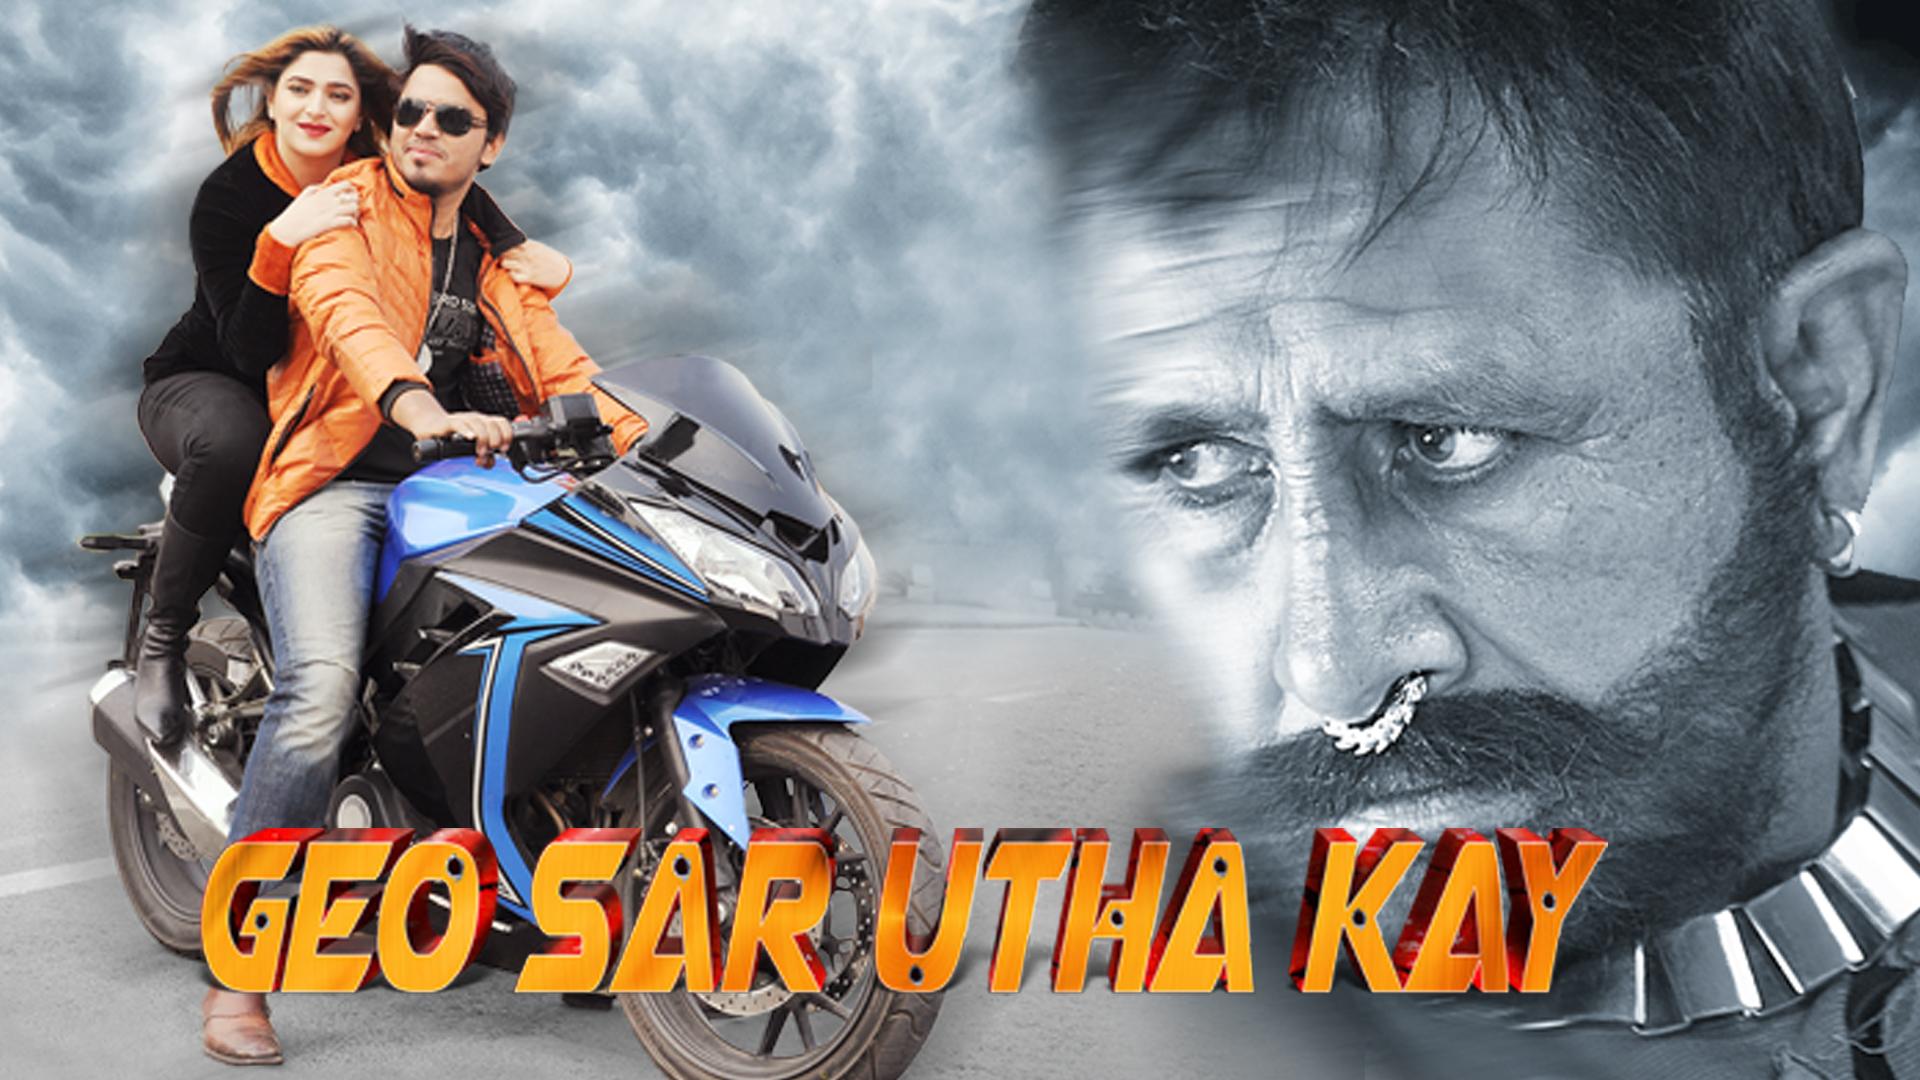 Geo Sar Utha Kay on Amazon Prime Video UK